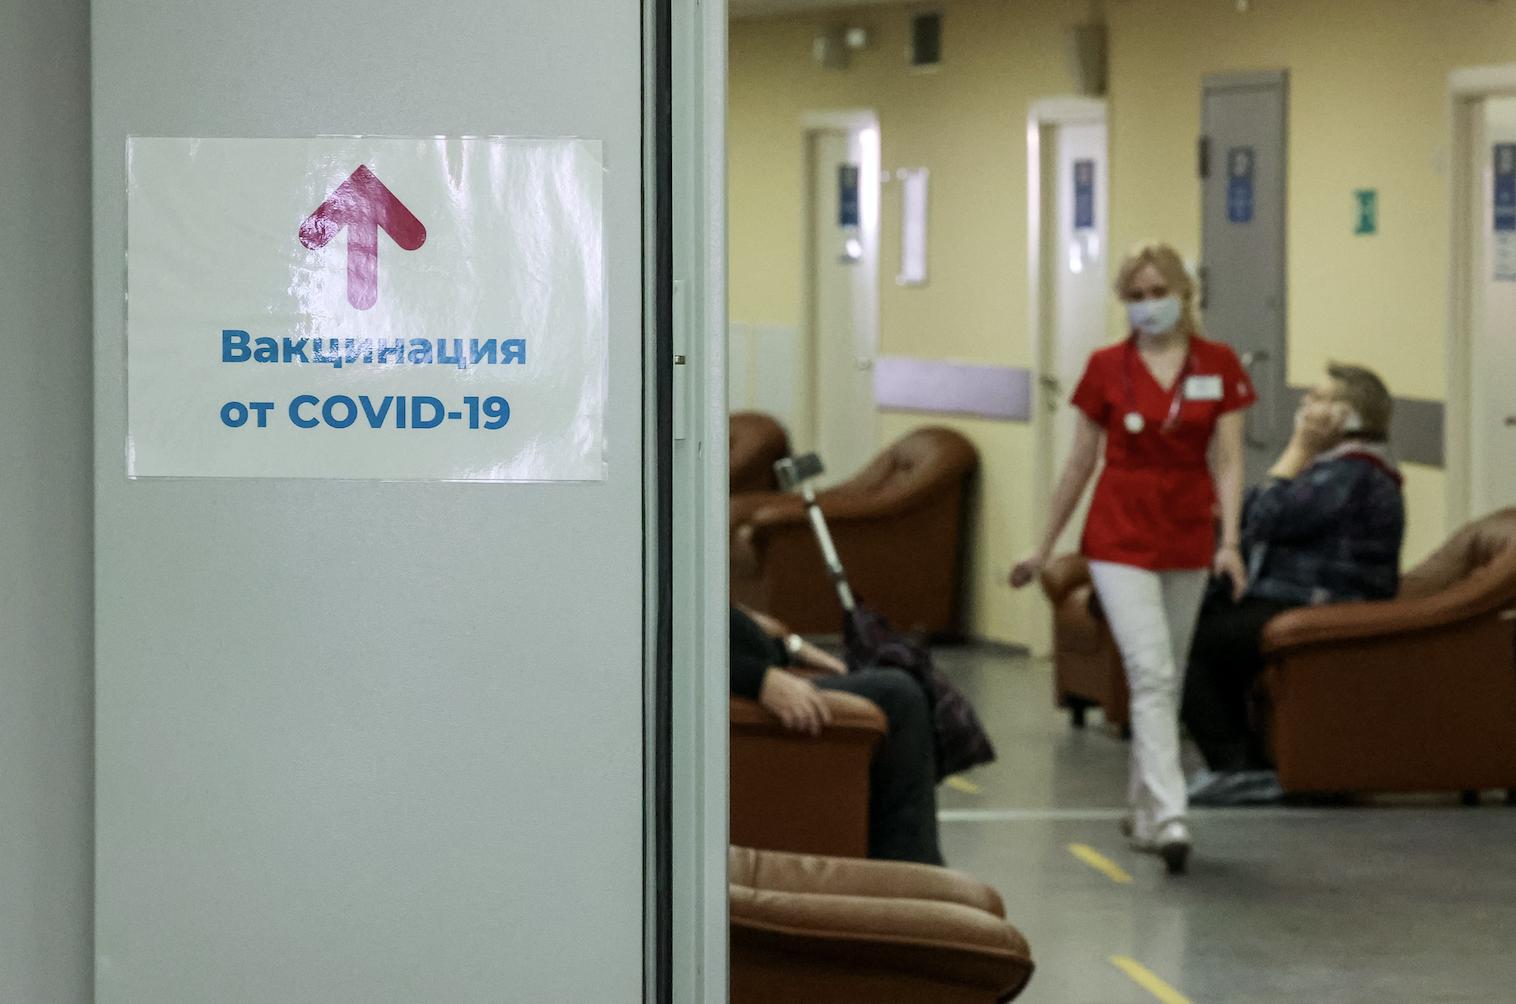 Получившие плацебо вместо вакцины россияне смогут привиться от коронавируса